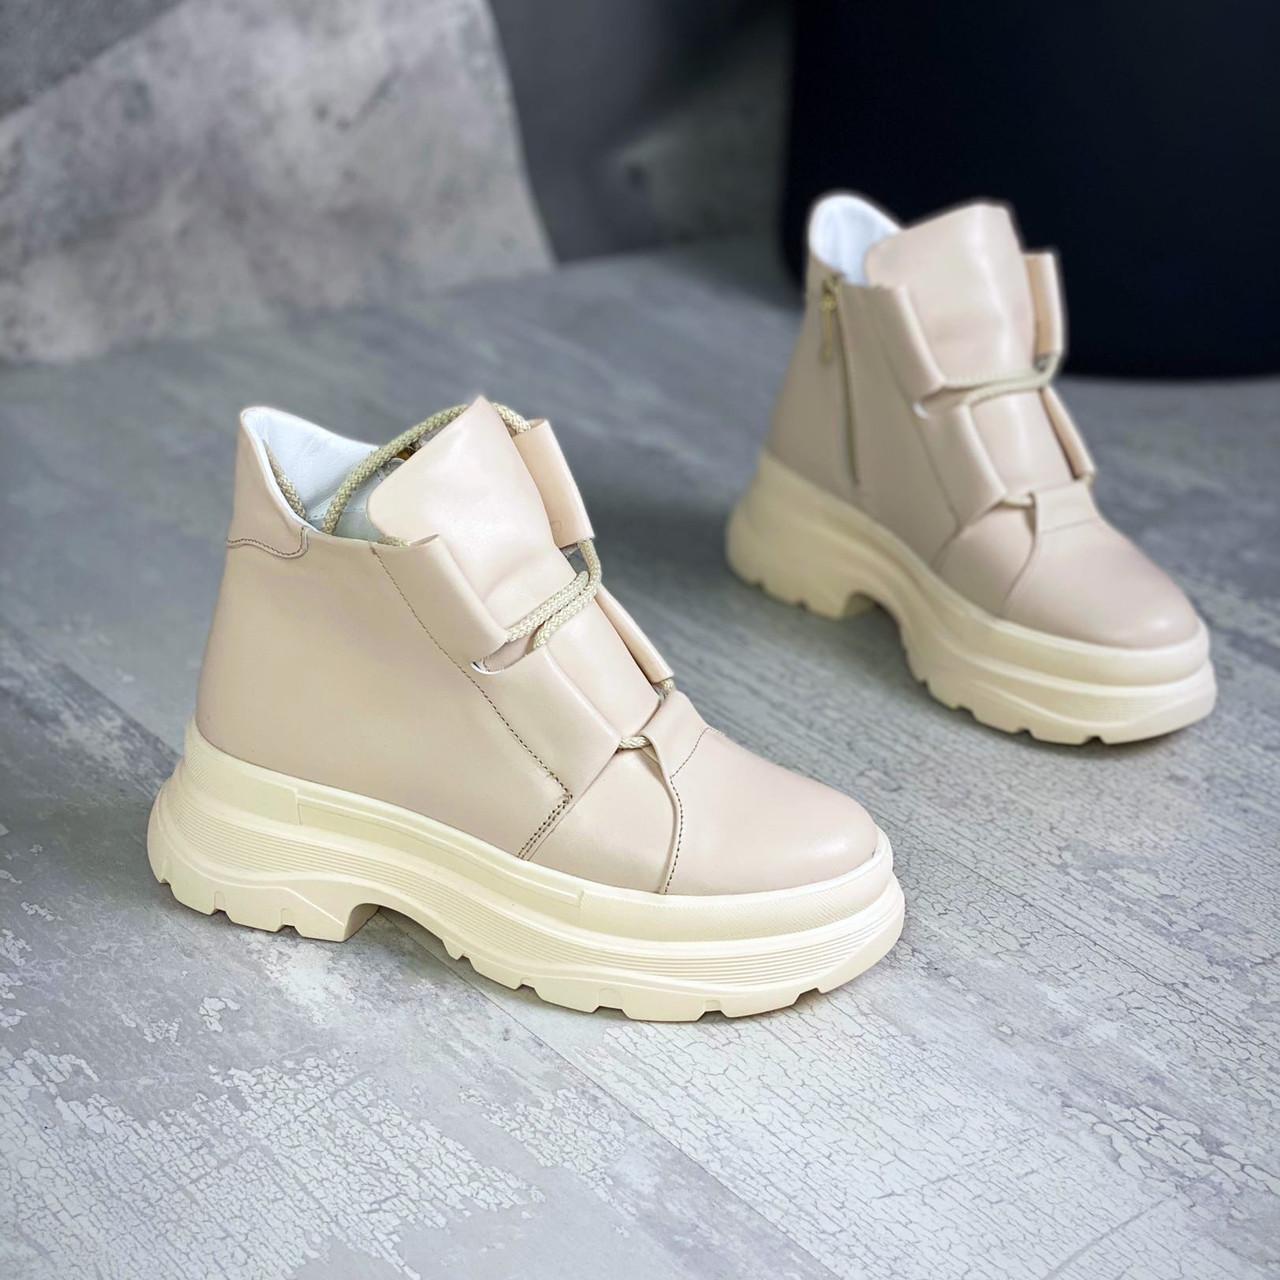 Женские кожаные демисезонные ботинки на шнуровке и молнии 36-40 р молочный